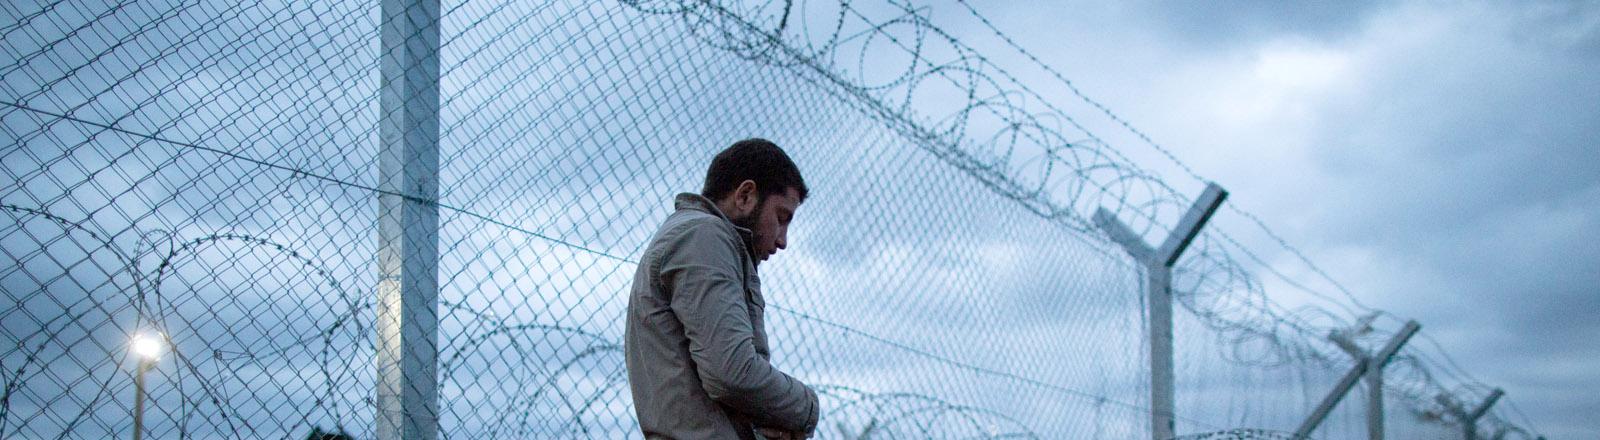 Ein Mann betet am 07.03.2016 im Flüchtlingslager in Idomeni an der Grenze zwischen Griechenland und Mazedonien zwischen Stacheldrahtrollen am Grenzzaun.